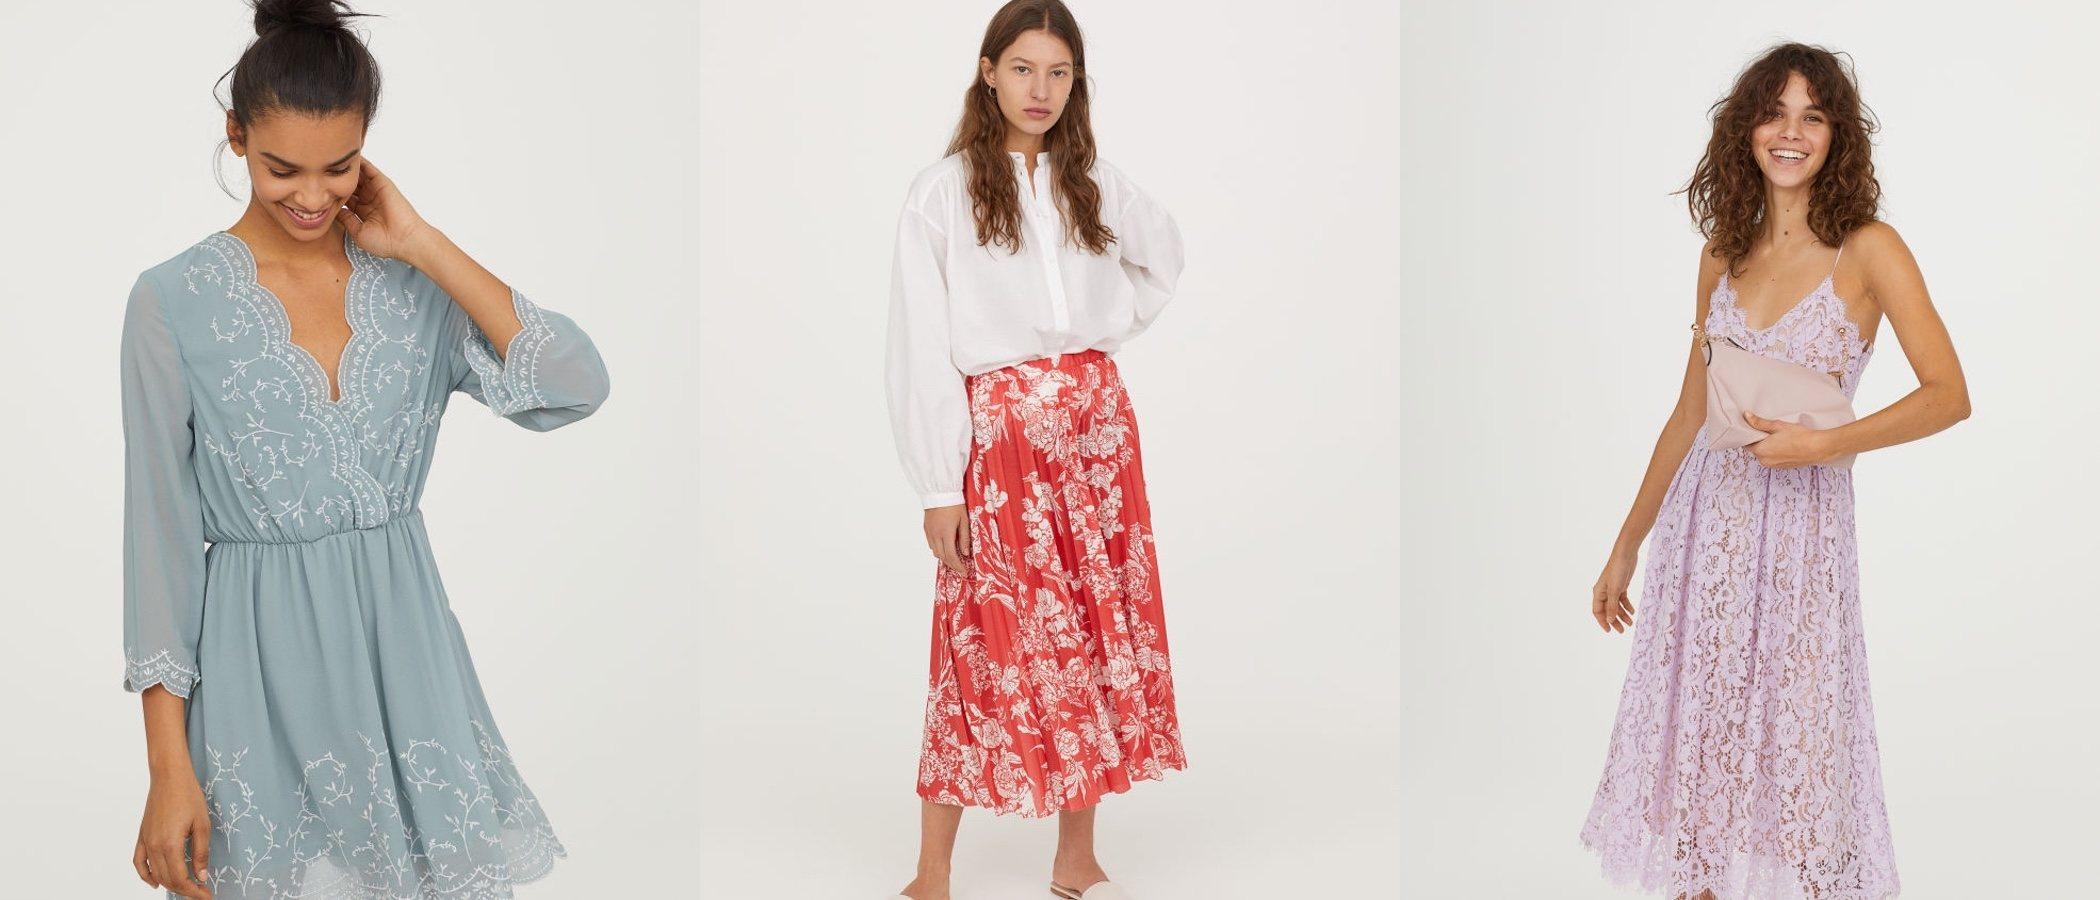 H&M nos hace brillar la próxima primavera 2018 con su nueva colección